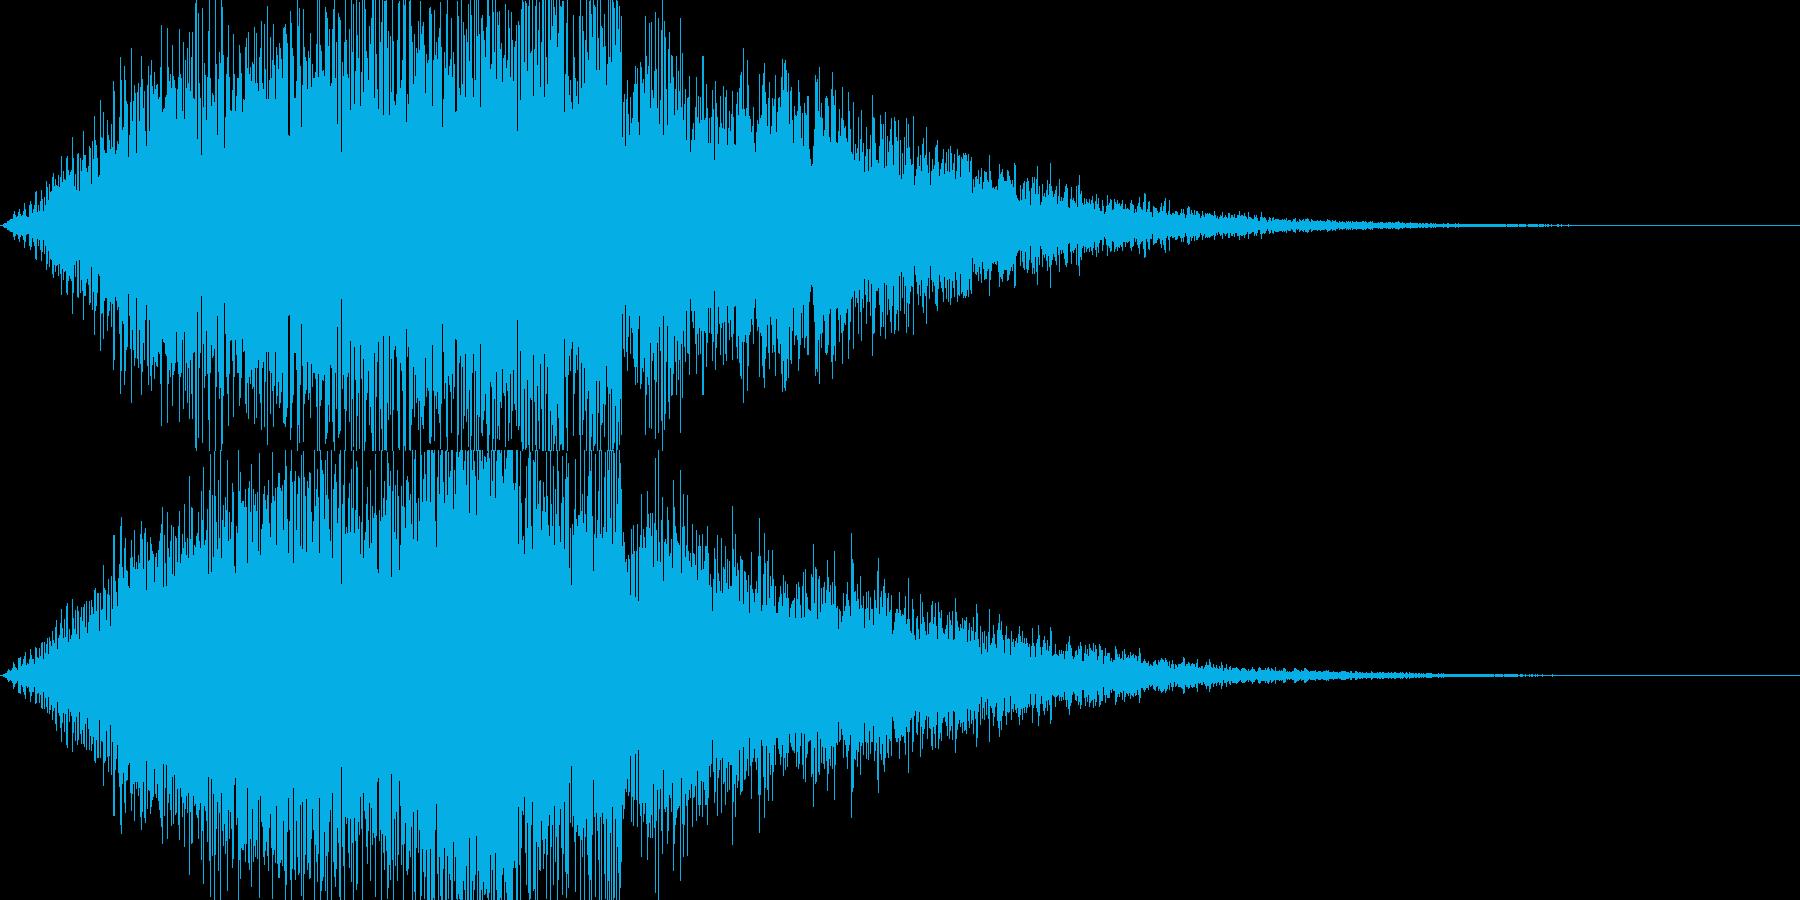 リバースピアノ(ゲームオーバーなど)の再生済みの波形